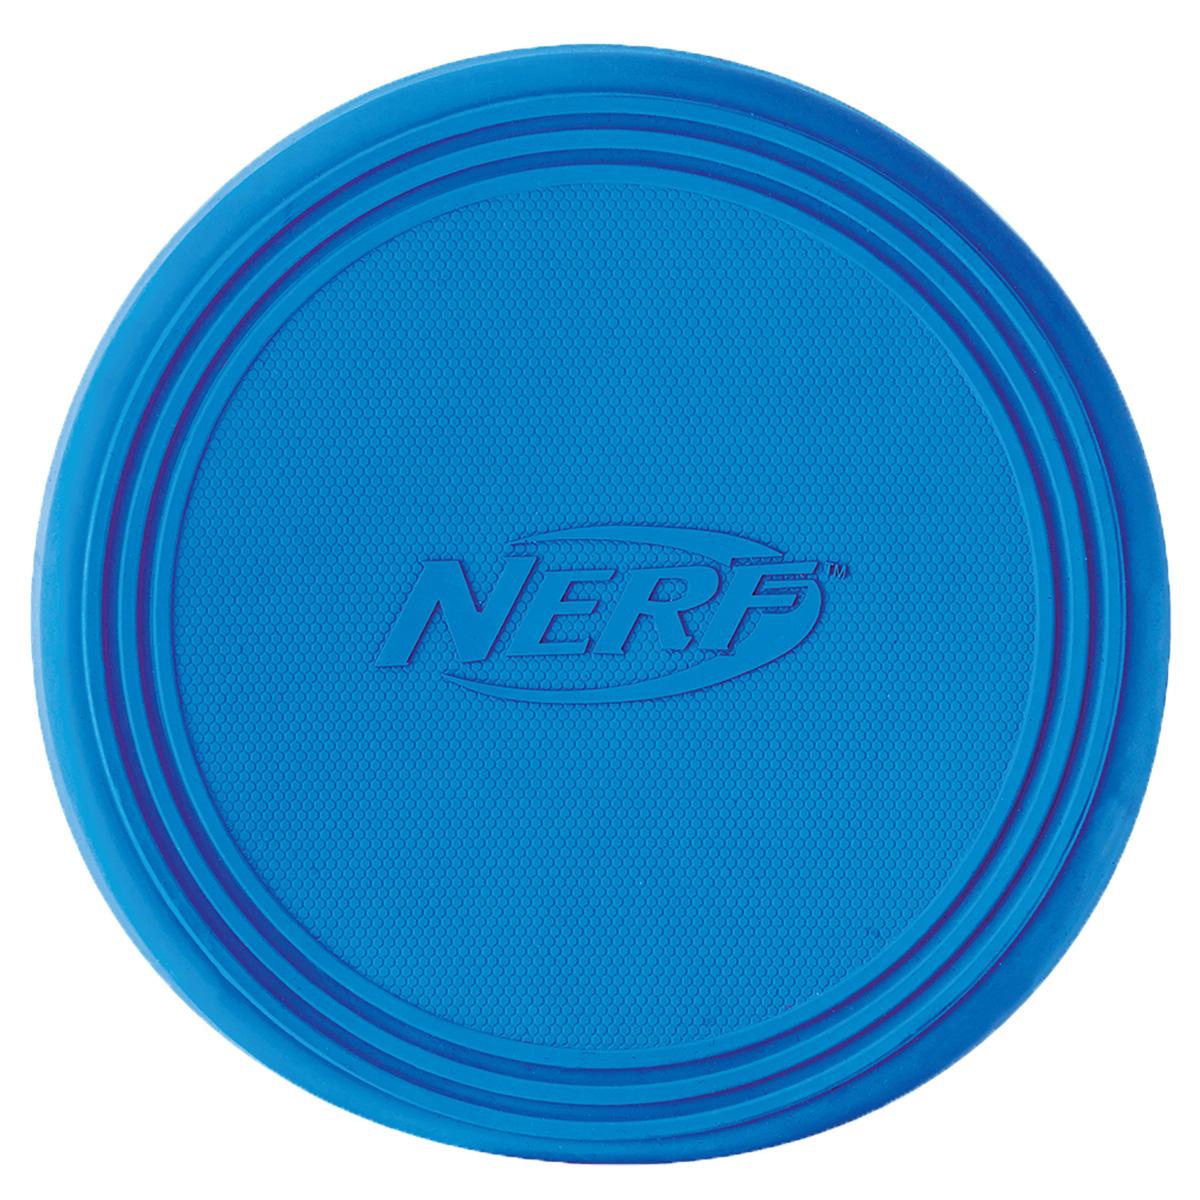 Игрушка для собак Nerf Диск для фрисби, 22,5 см22408Летающая тарелка-фрисби –это удивительный спортивный снаряд, с которым не придется скучать! Кроме великолепных лётных качеств, диск безопасен для собачьих зубов и десен! Диск изготовлен из сверхпрочной резины, что обеспечивает долговечность использования! Высококачественные прочные материалы, из которых изготовлена игрушка, обеспечивают долговечность использования! Оптимальна для перетягивания, подходит для игры двух собак! Яркие привлекательные цвета! Размер: 22,5 см.